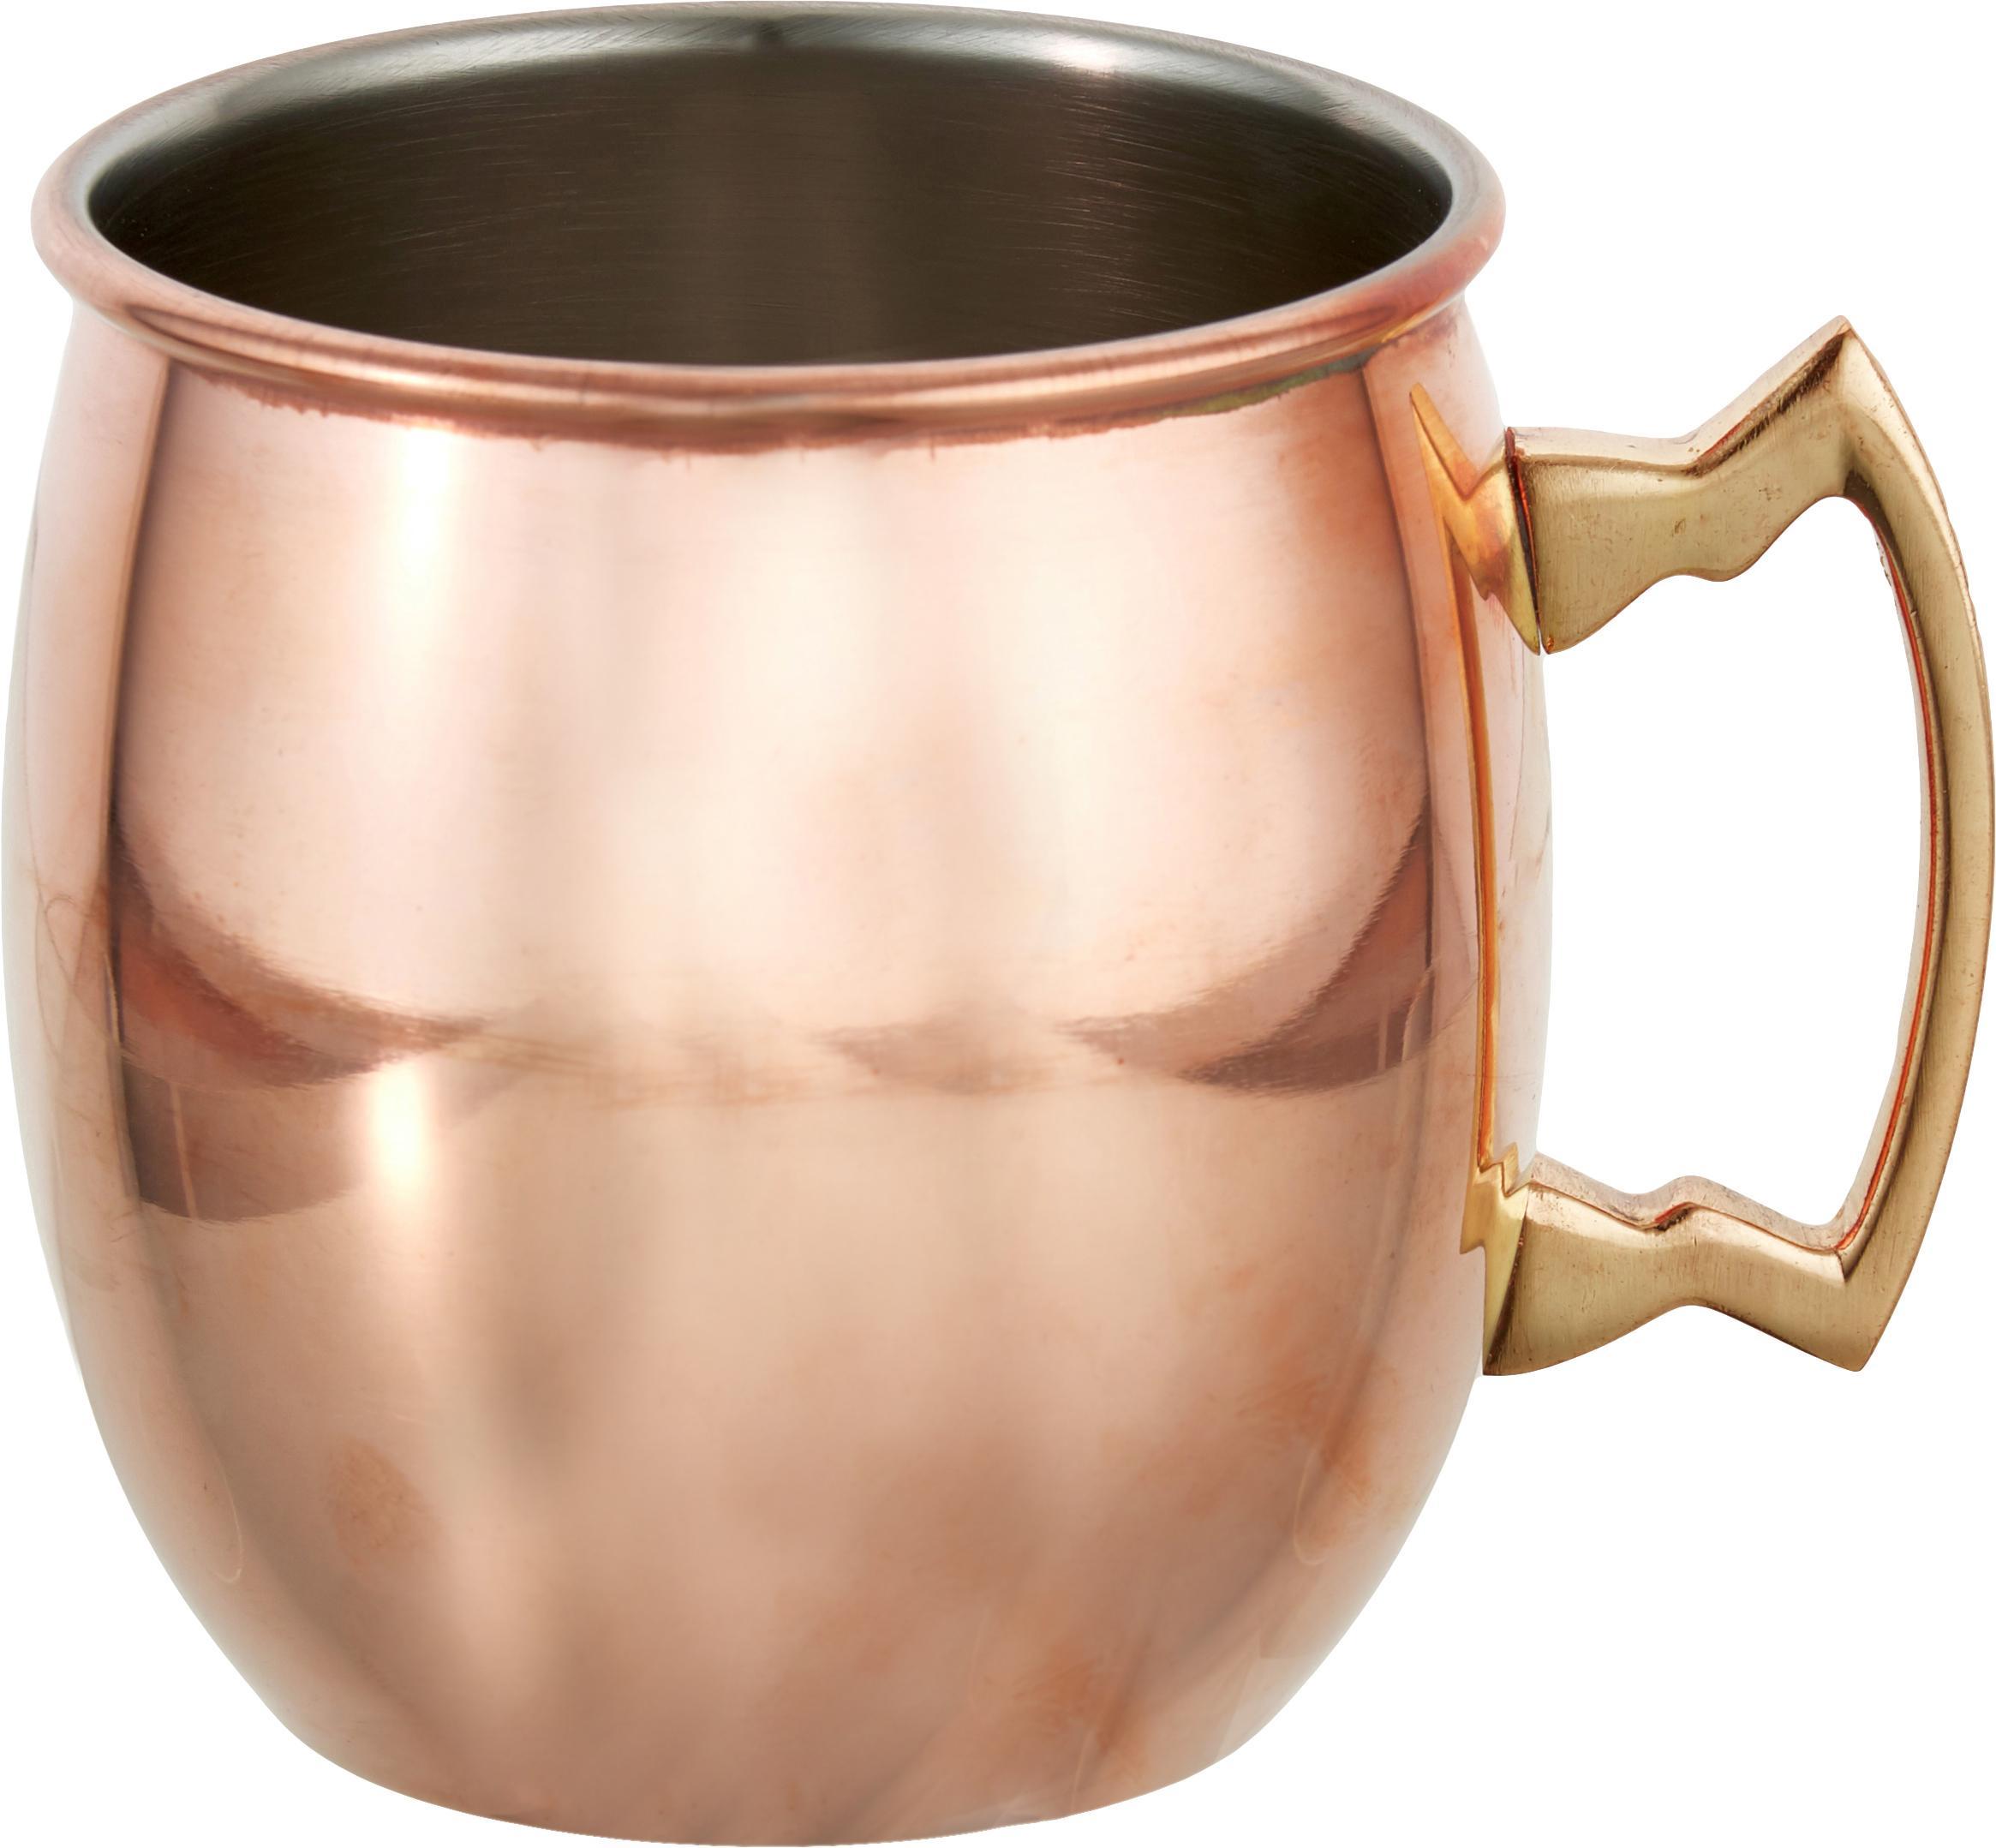 Moscow Mule-beker Shiny, Staal, buitenzijde verkoperd, Koperkleurig, Ø 9 x H 10 cm